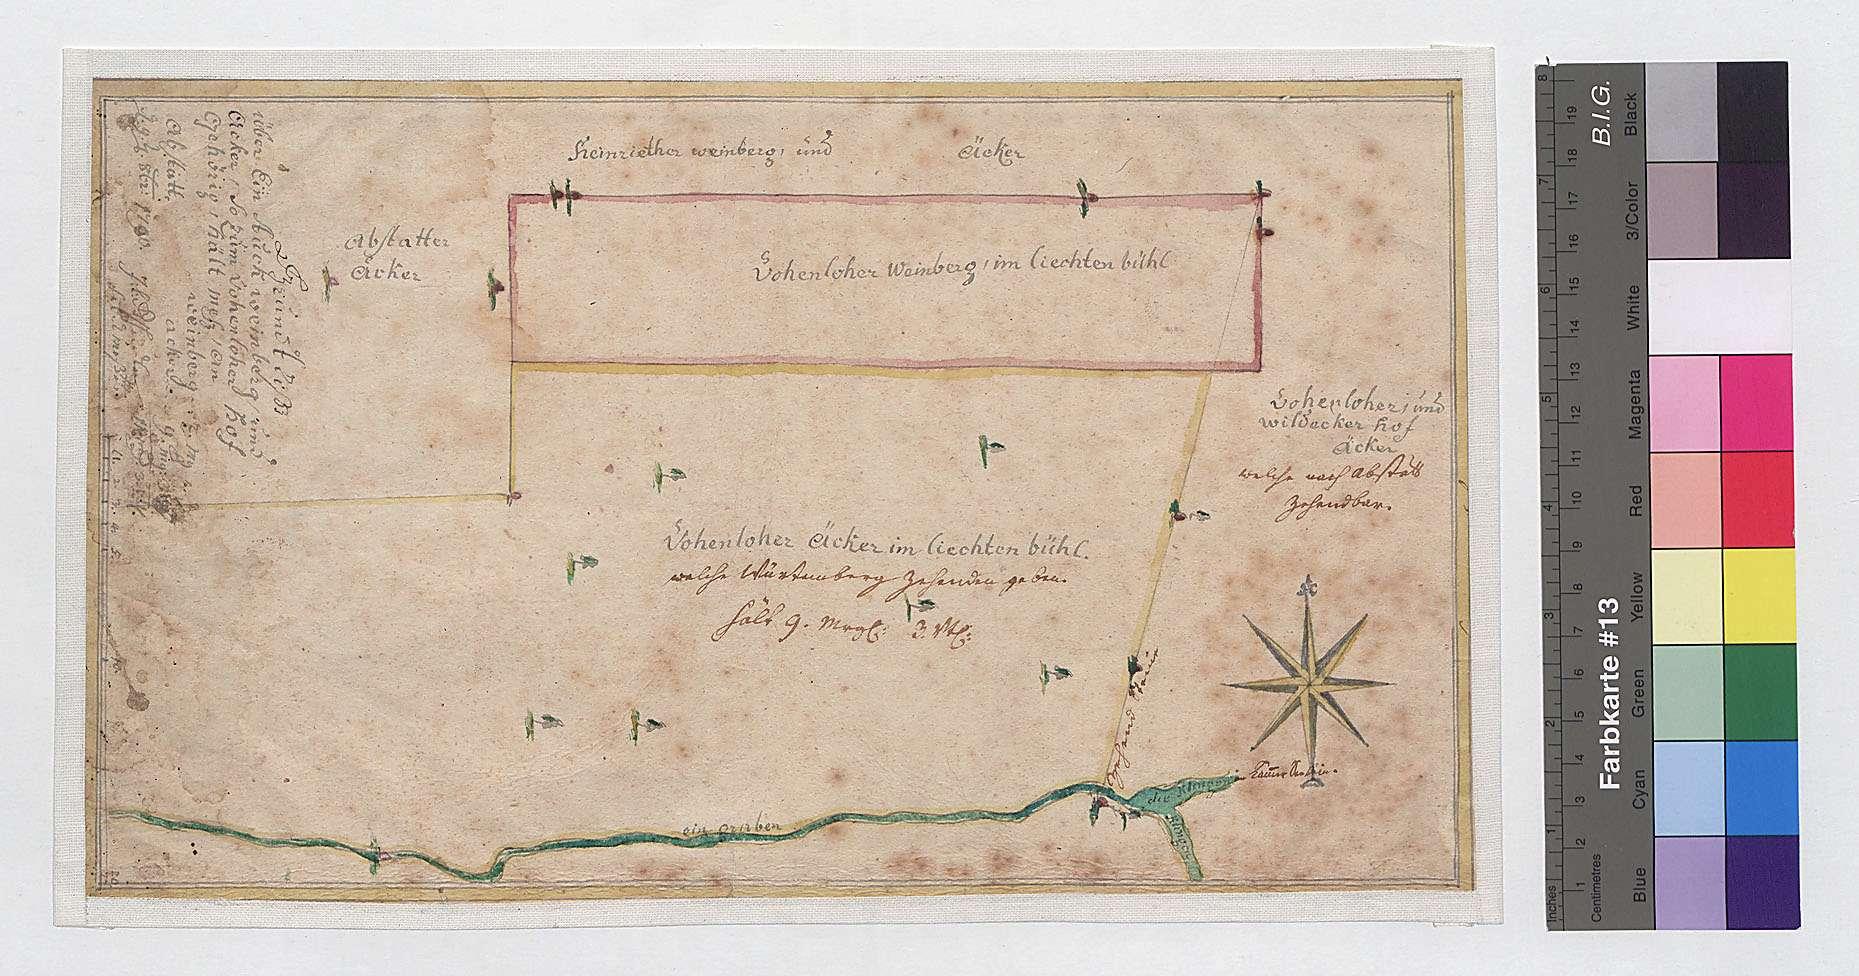 Weinberg und Acker [im Lichtenbühl], so zum Vohenloher Hof gehörig (Inselkarte), Bild 1